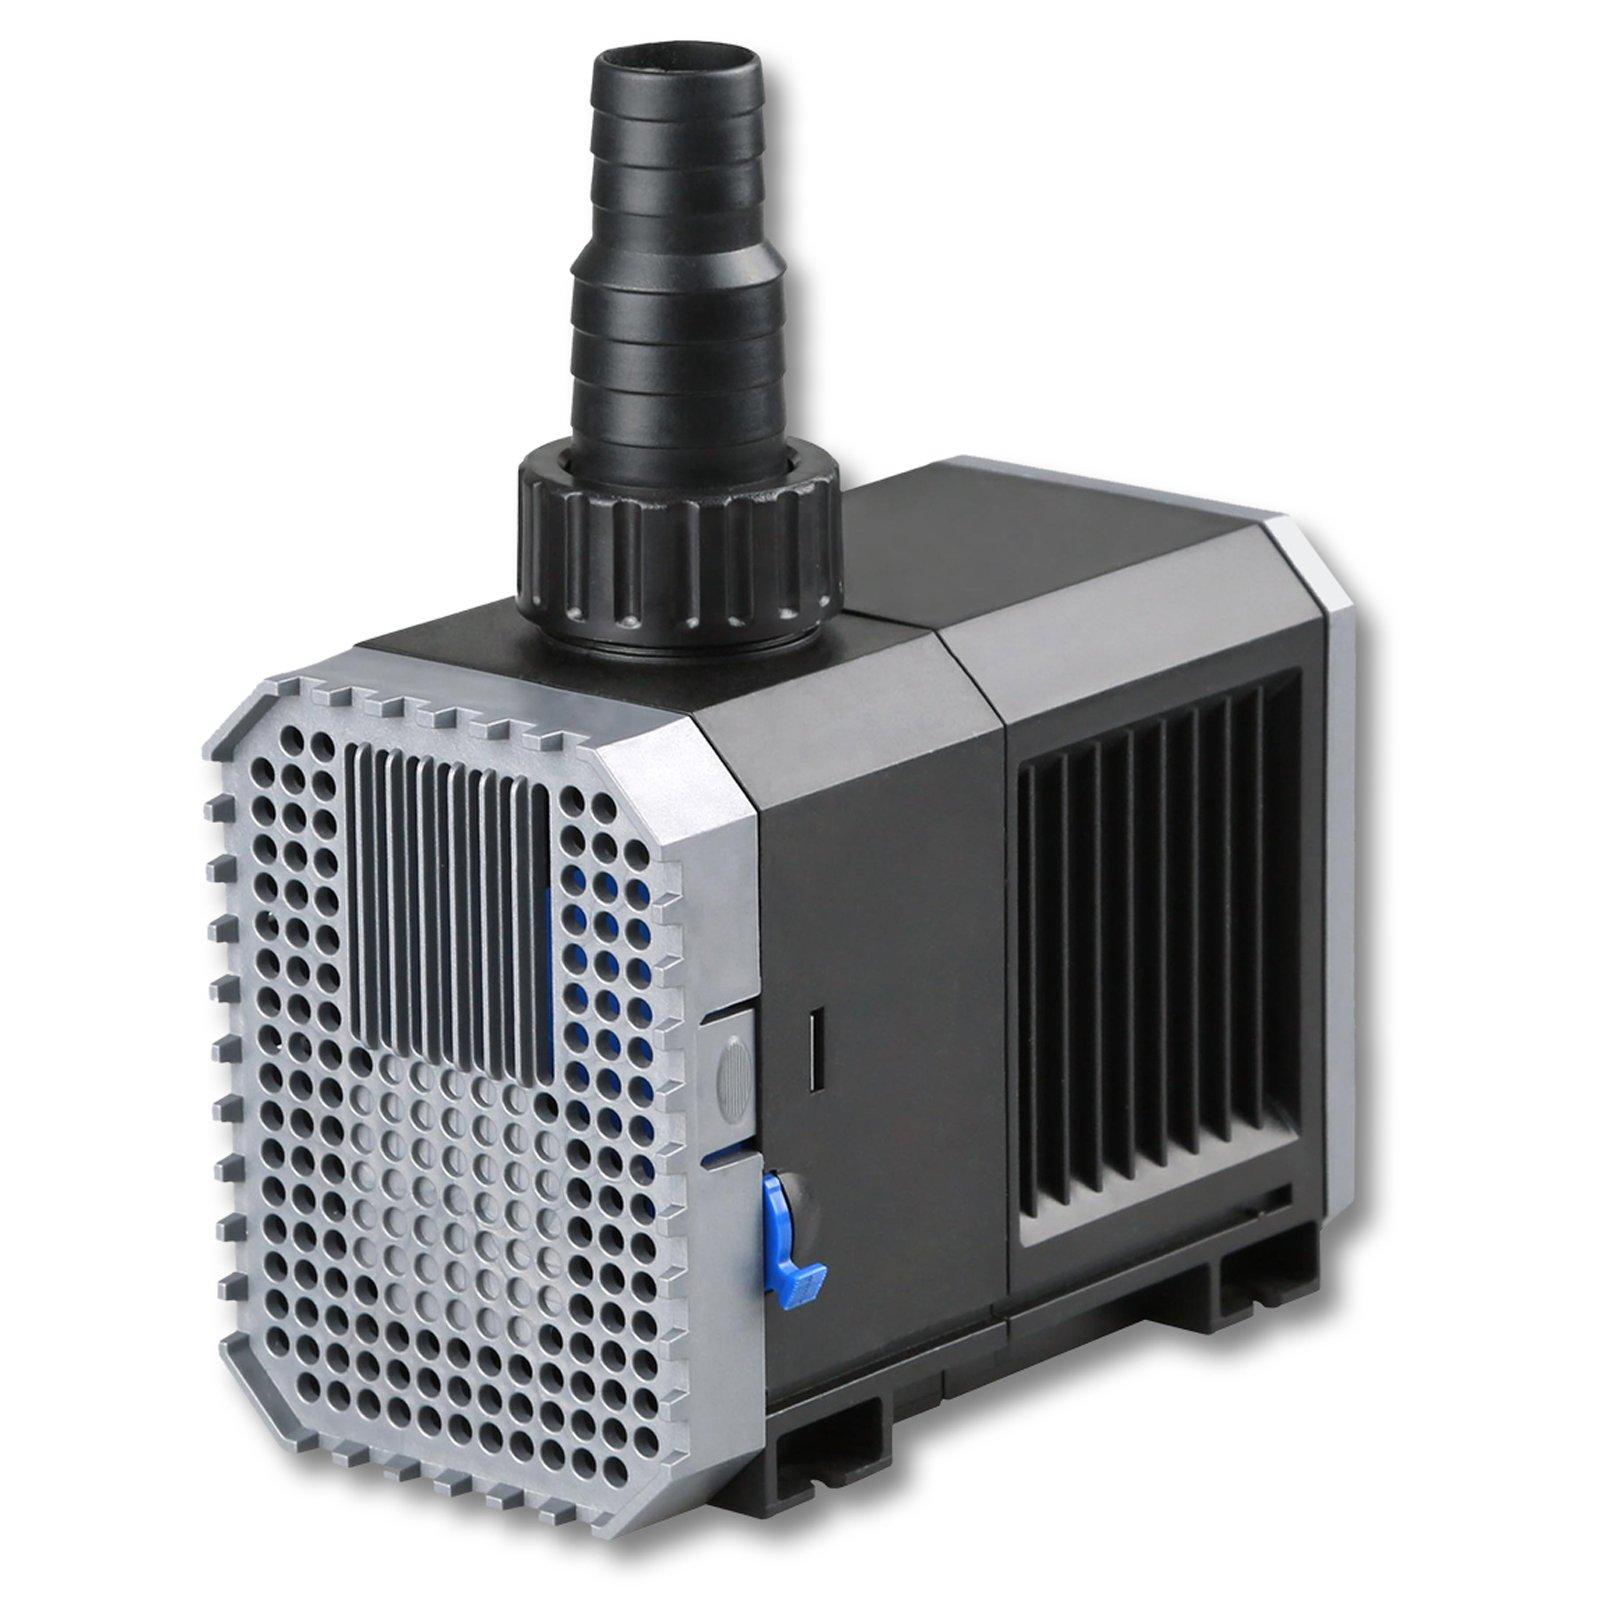 SunSun Grech CHJ-3000 793 GPH Aquarium Submersible Fountain Pump